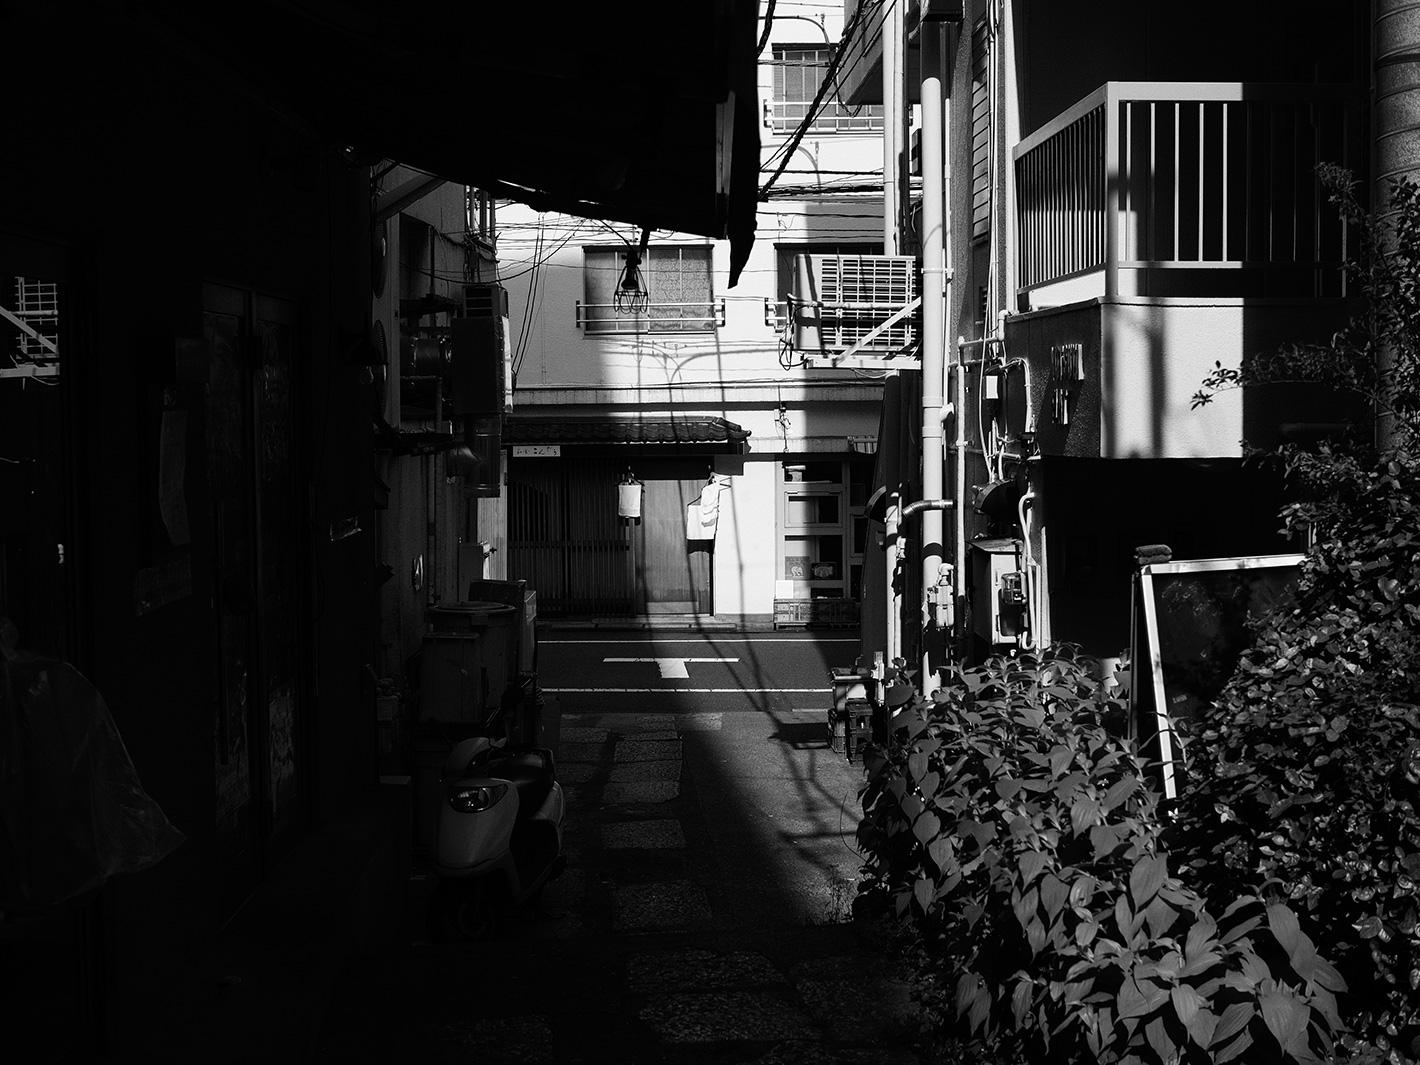 光と影の街_f0121181_5184694.jpg